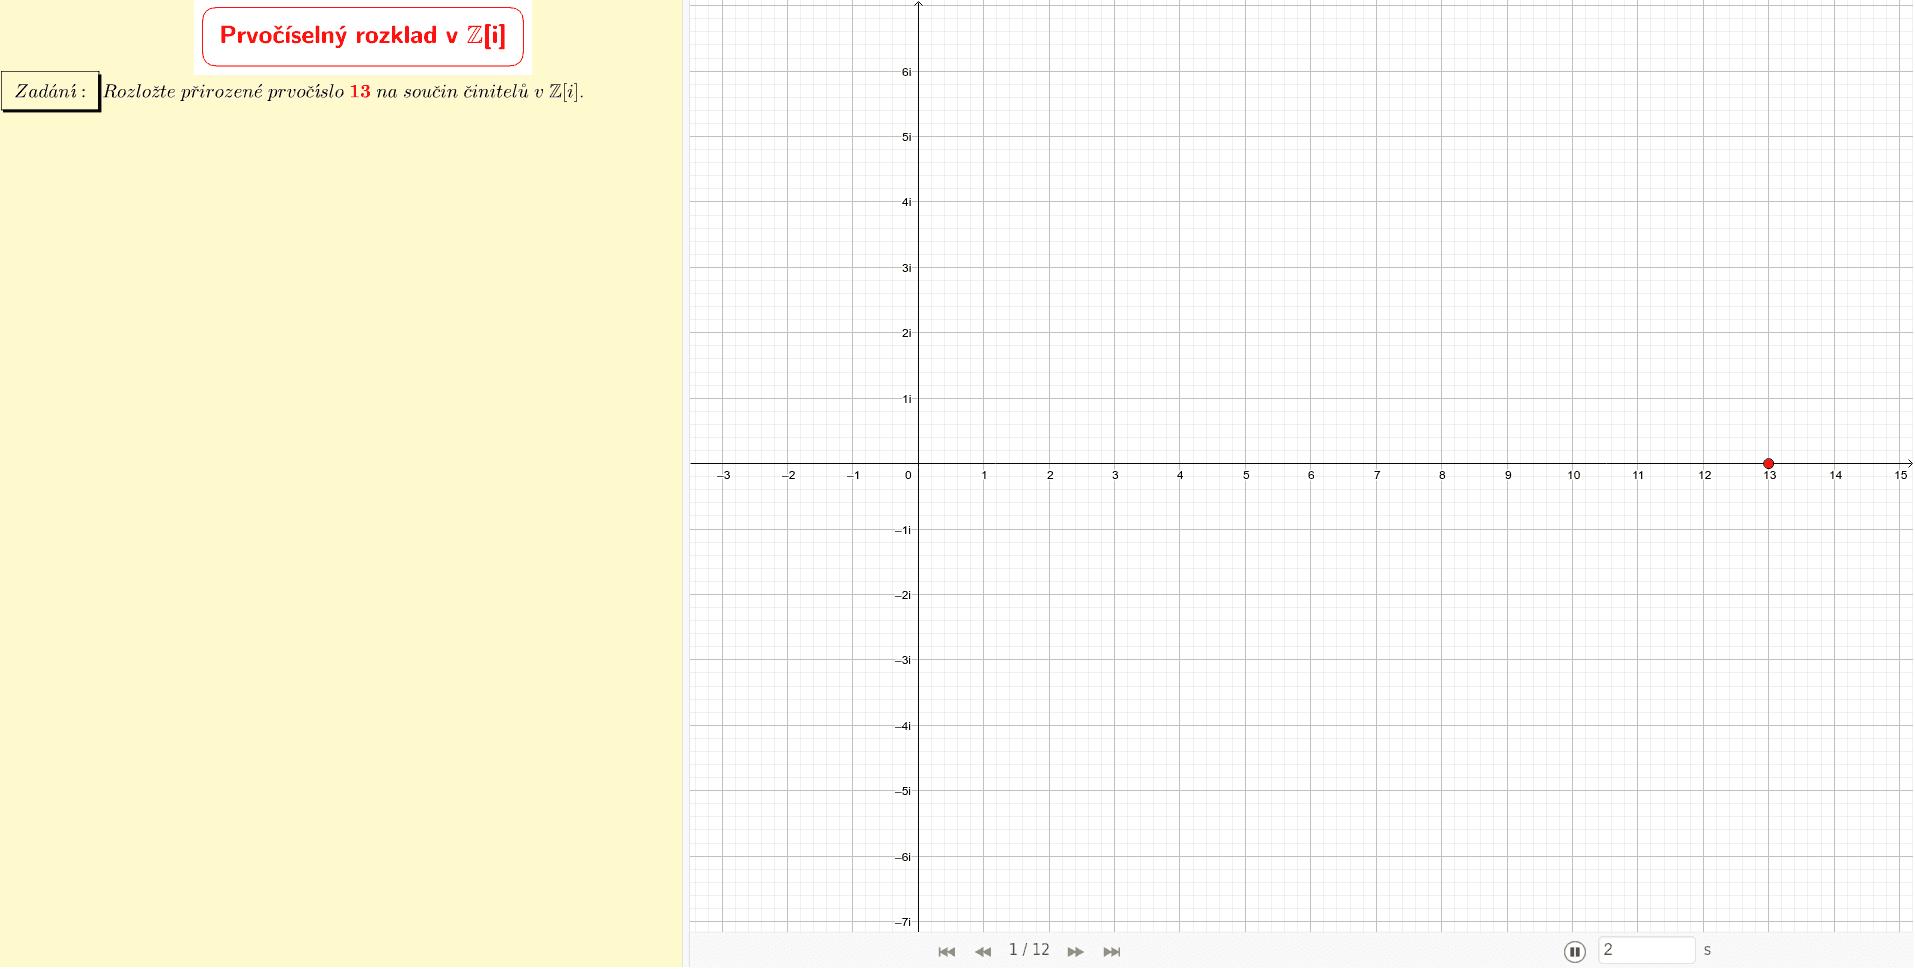 Prvočíselný rozklad přirozeného prvočísla 13 v Z[i]